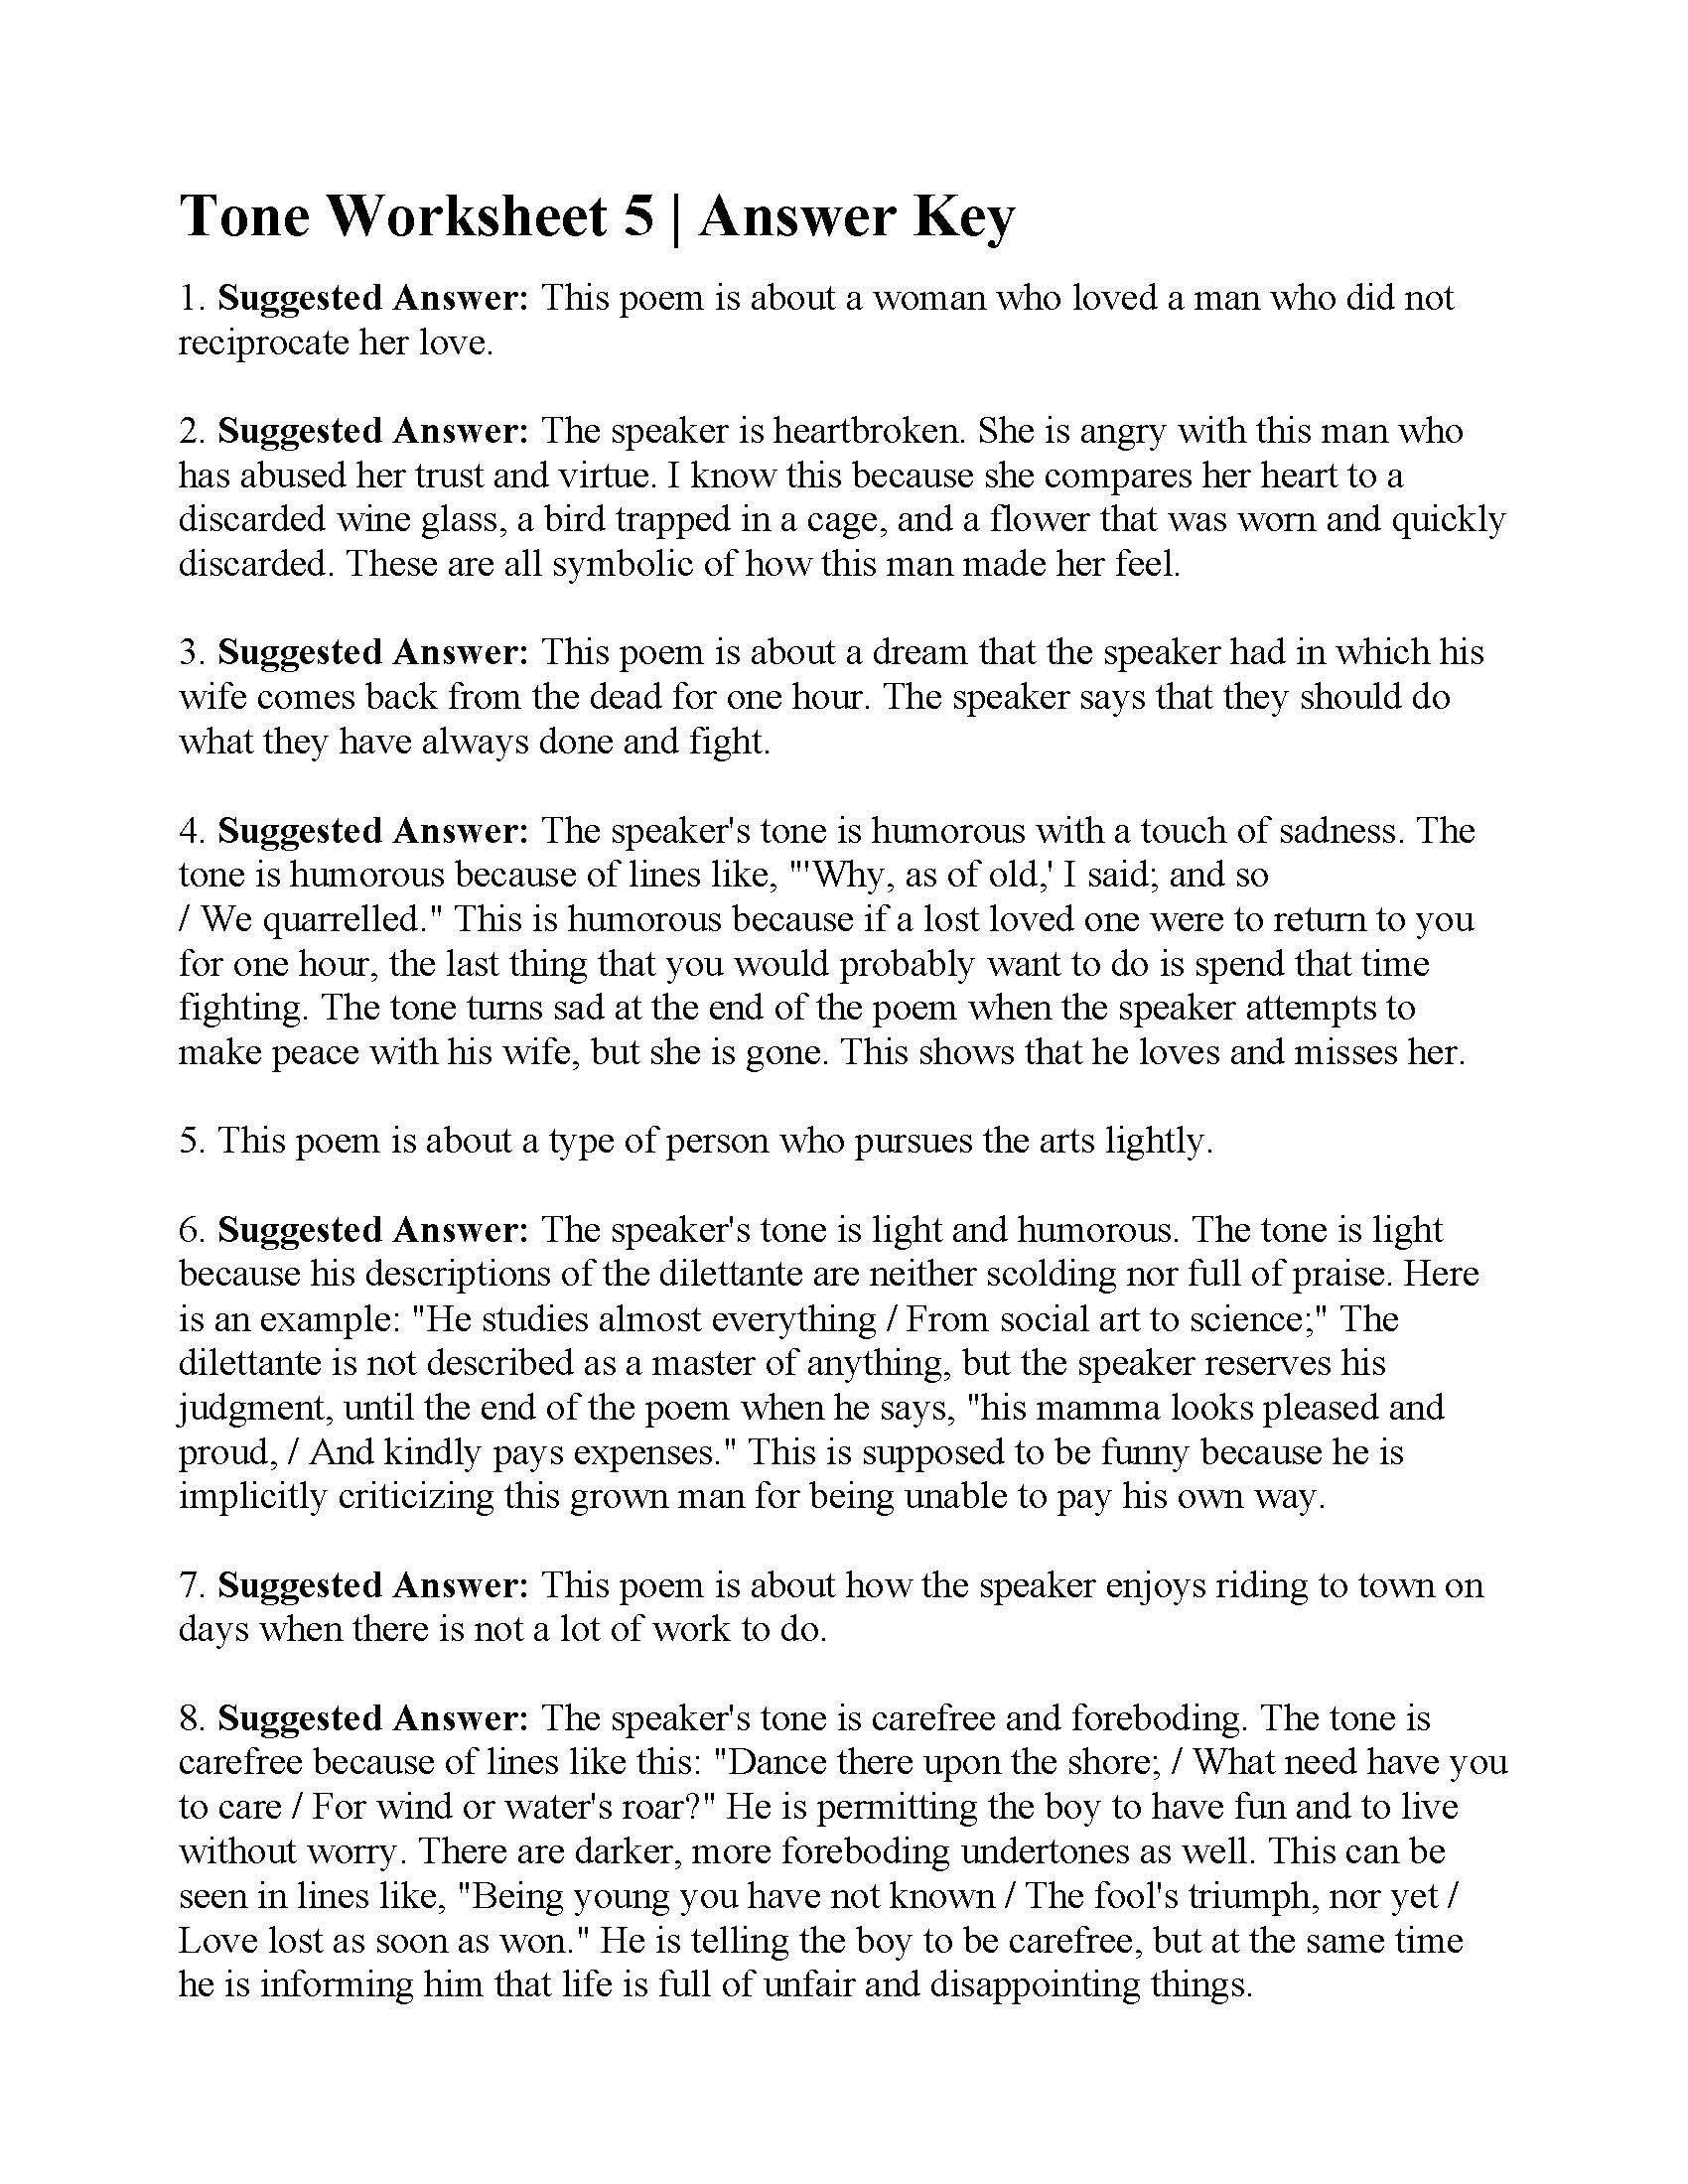 8th Grade Poetry Worksheets Tone Worksheet 5 In 2020 Poetry Worksheets Reading Worksheets Writing Worksheets Kindergarten